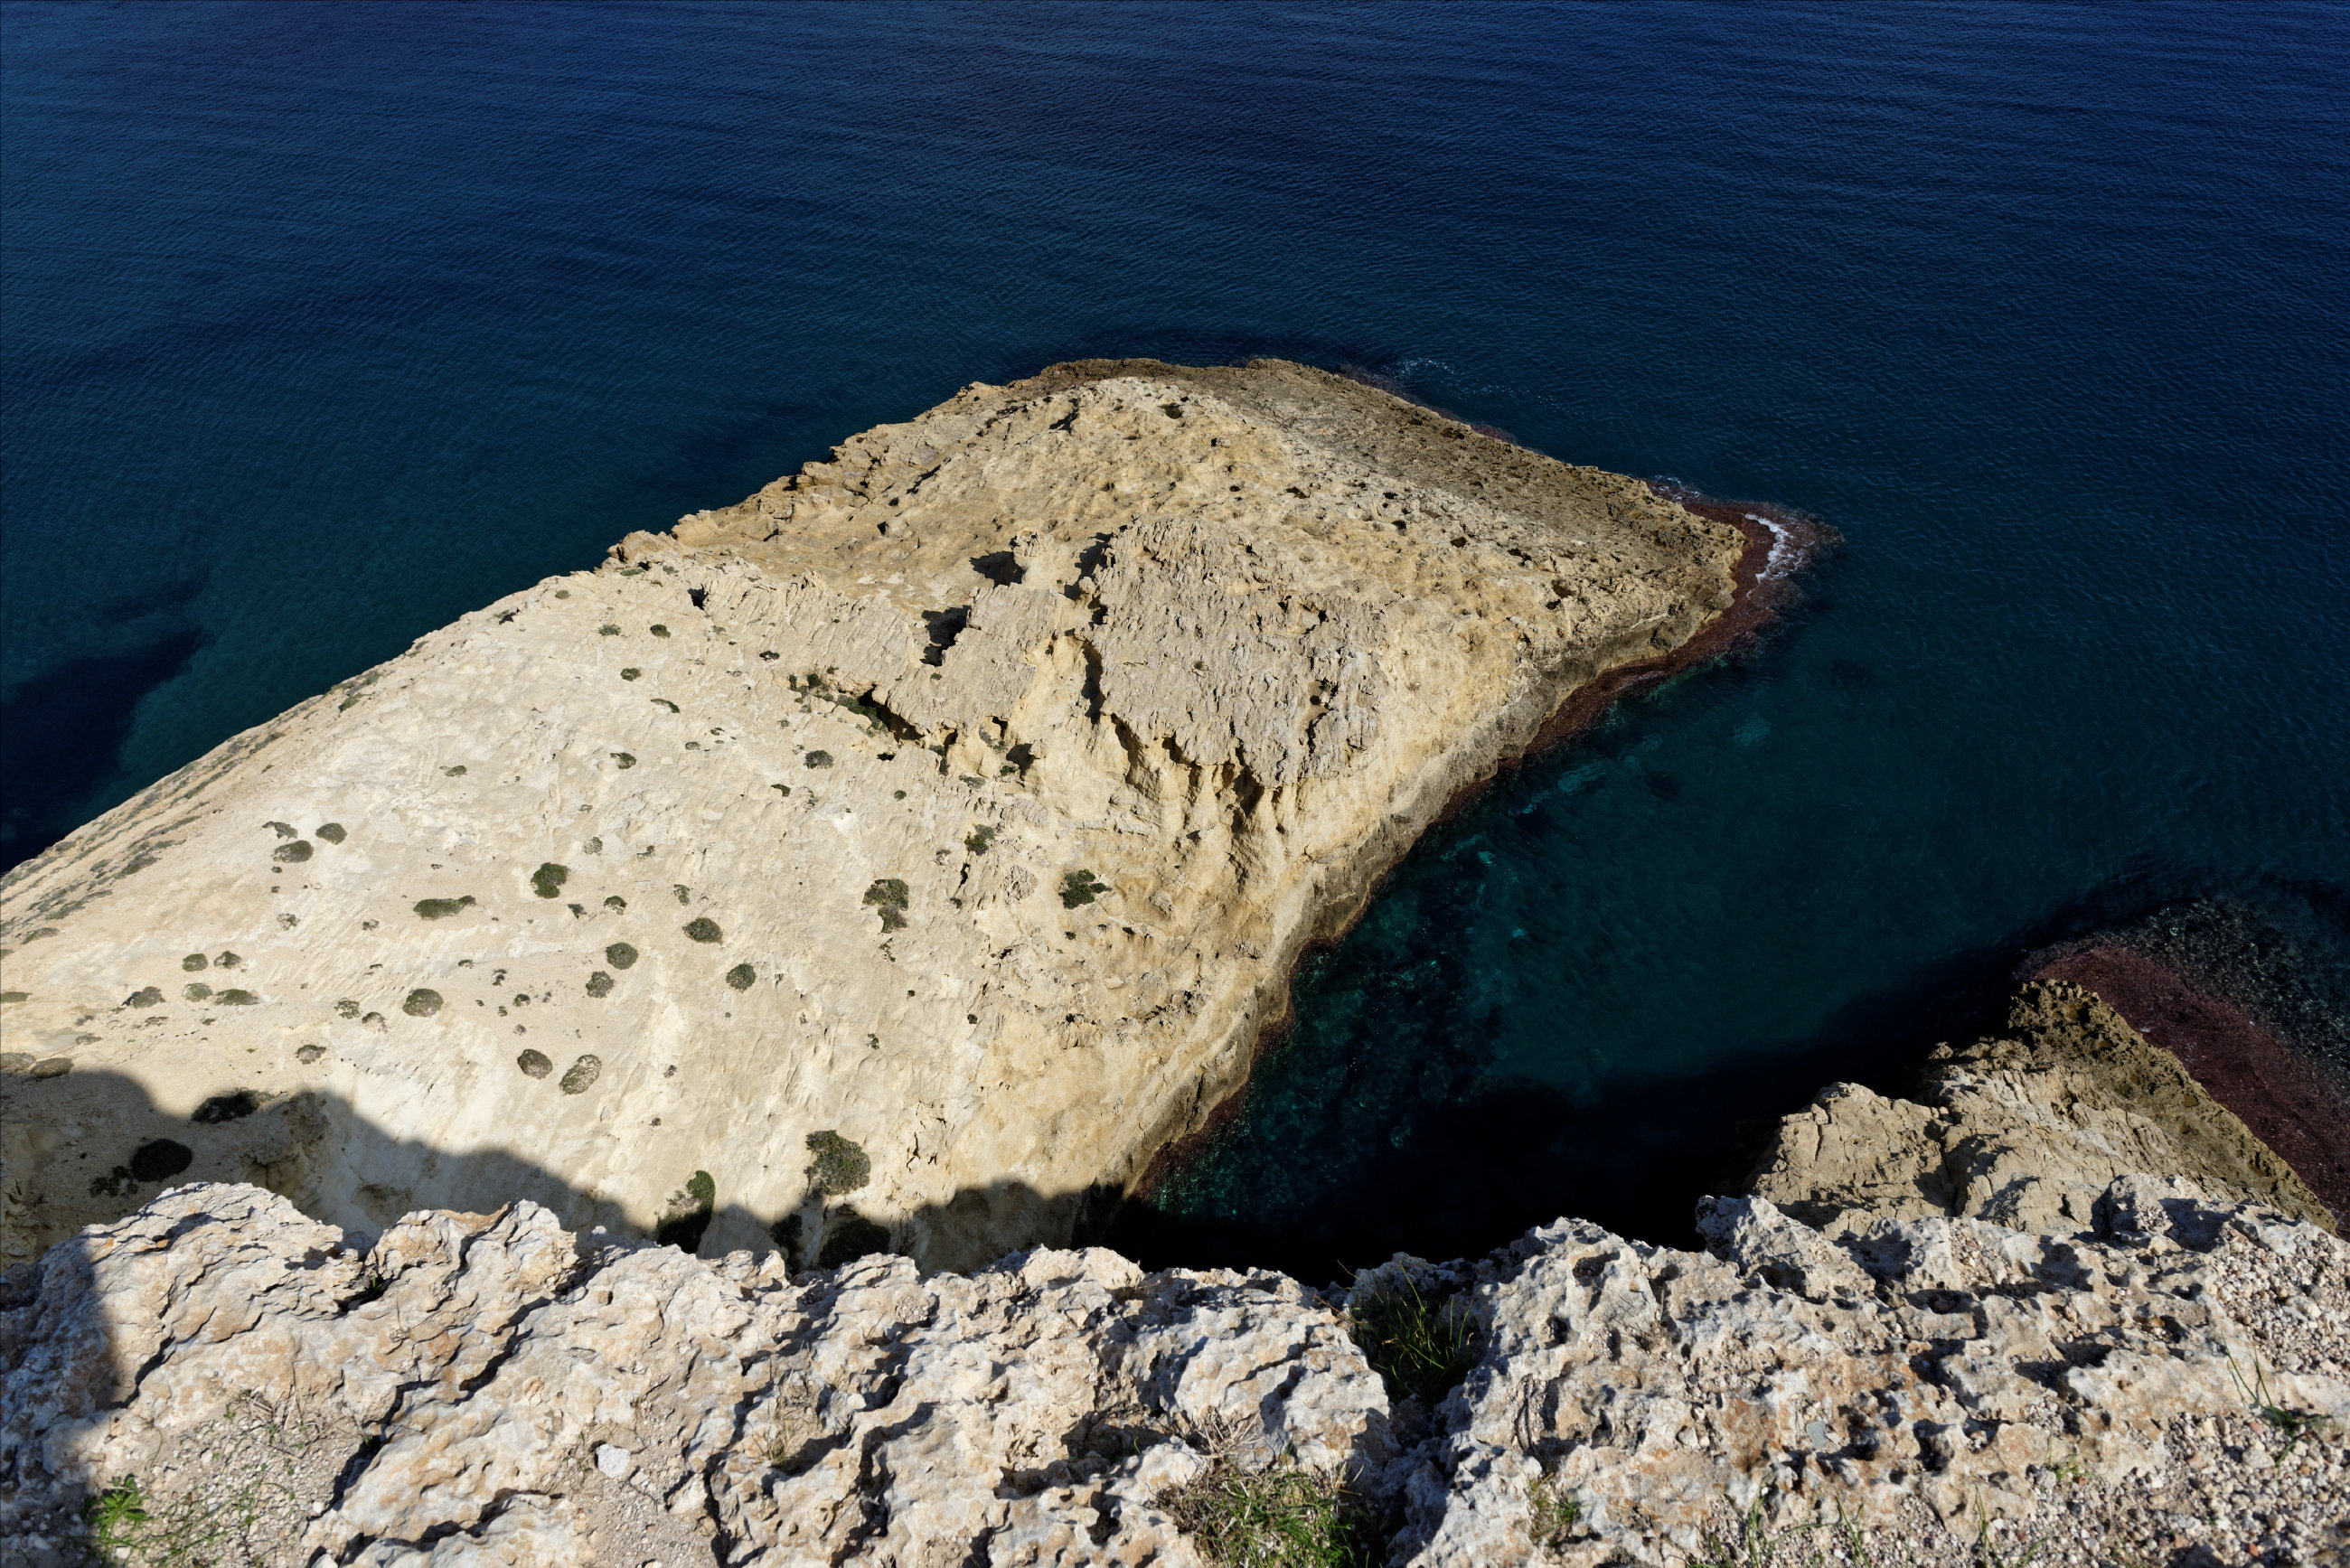 151106-Playa el Playazo (52)